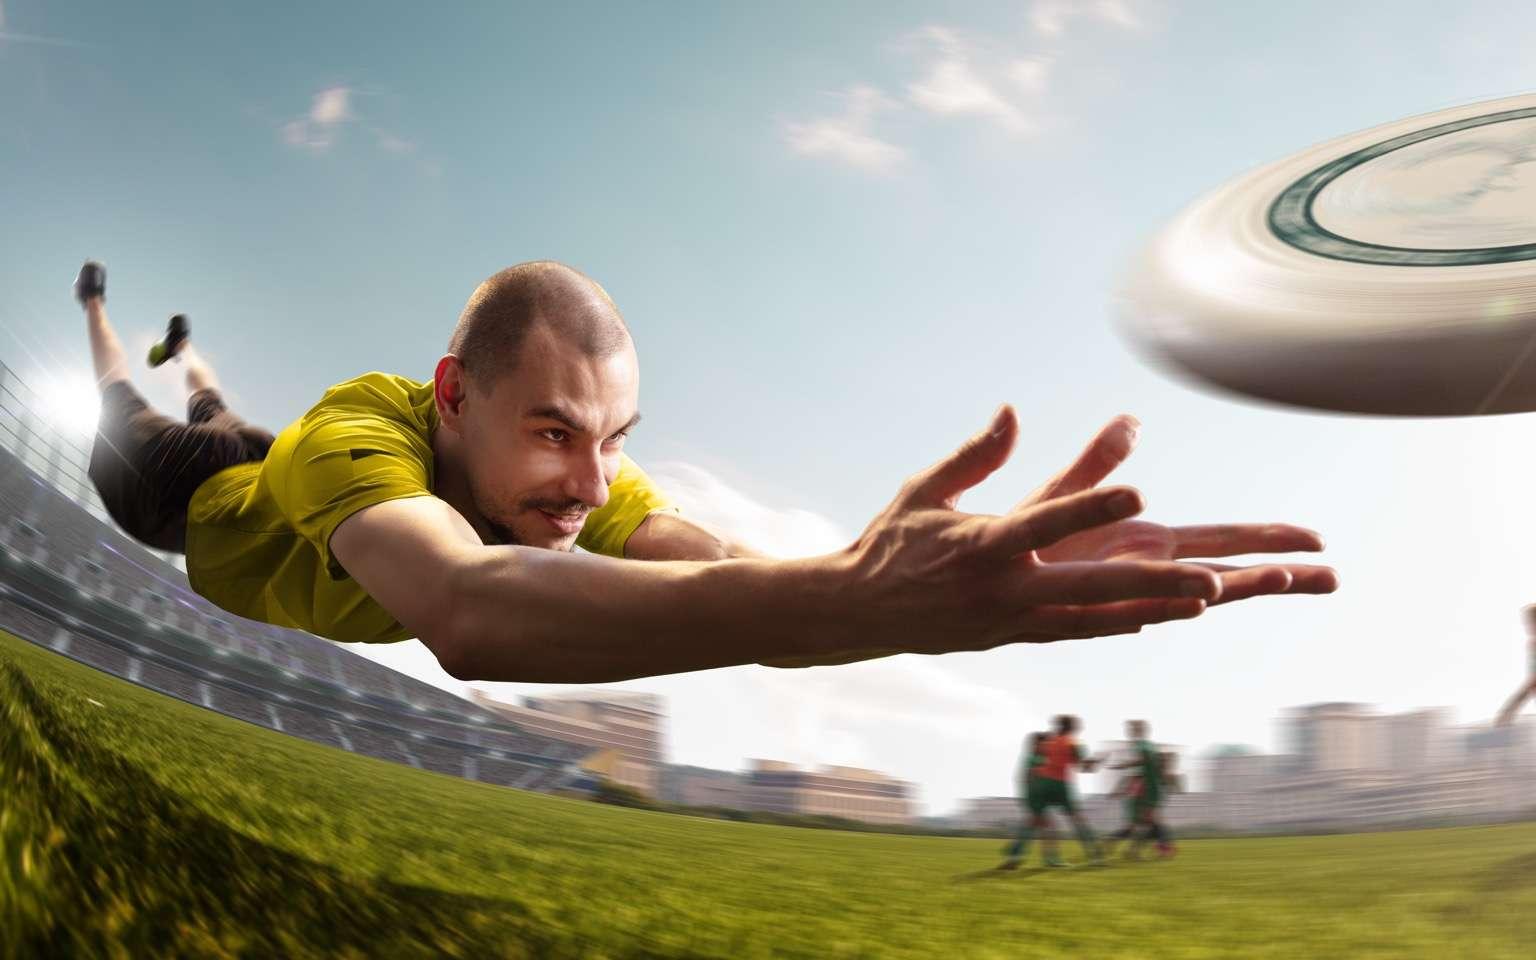 Les sous-bocks à bière ont beau être ronds comme les frisbees, ils ne volent pas aussi bien. © sidorovstock, Adobe Stock